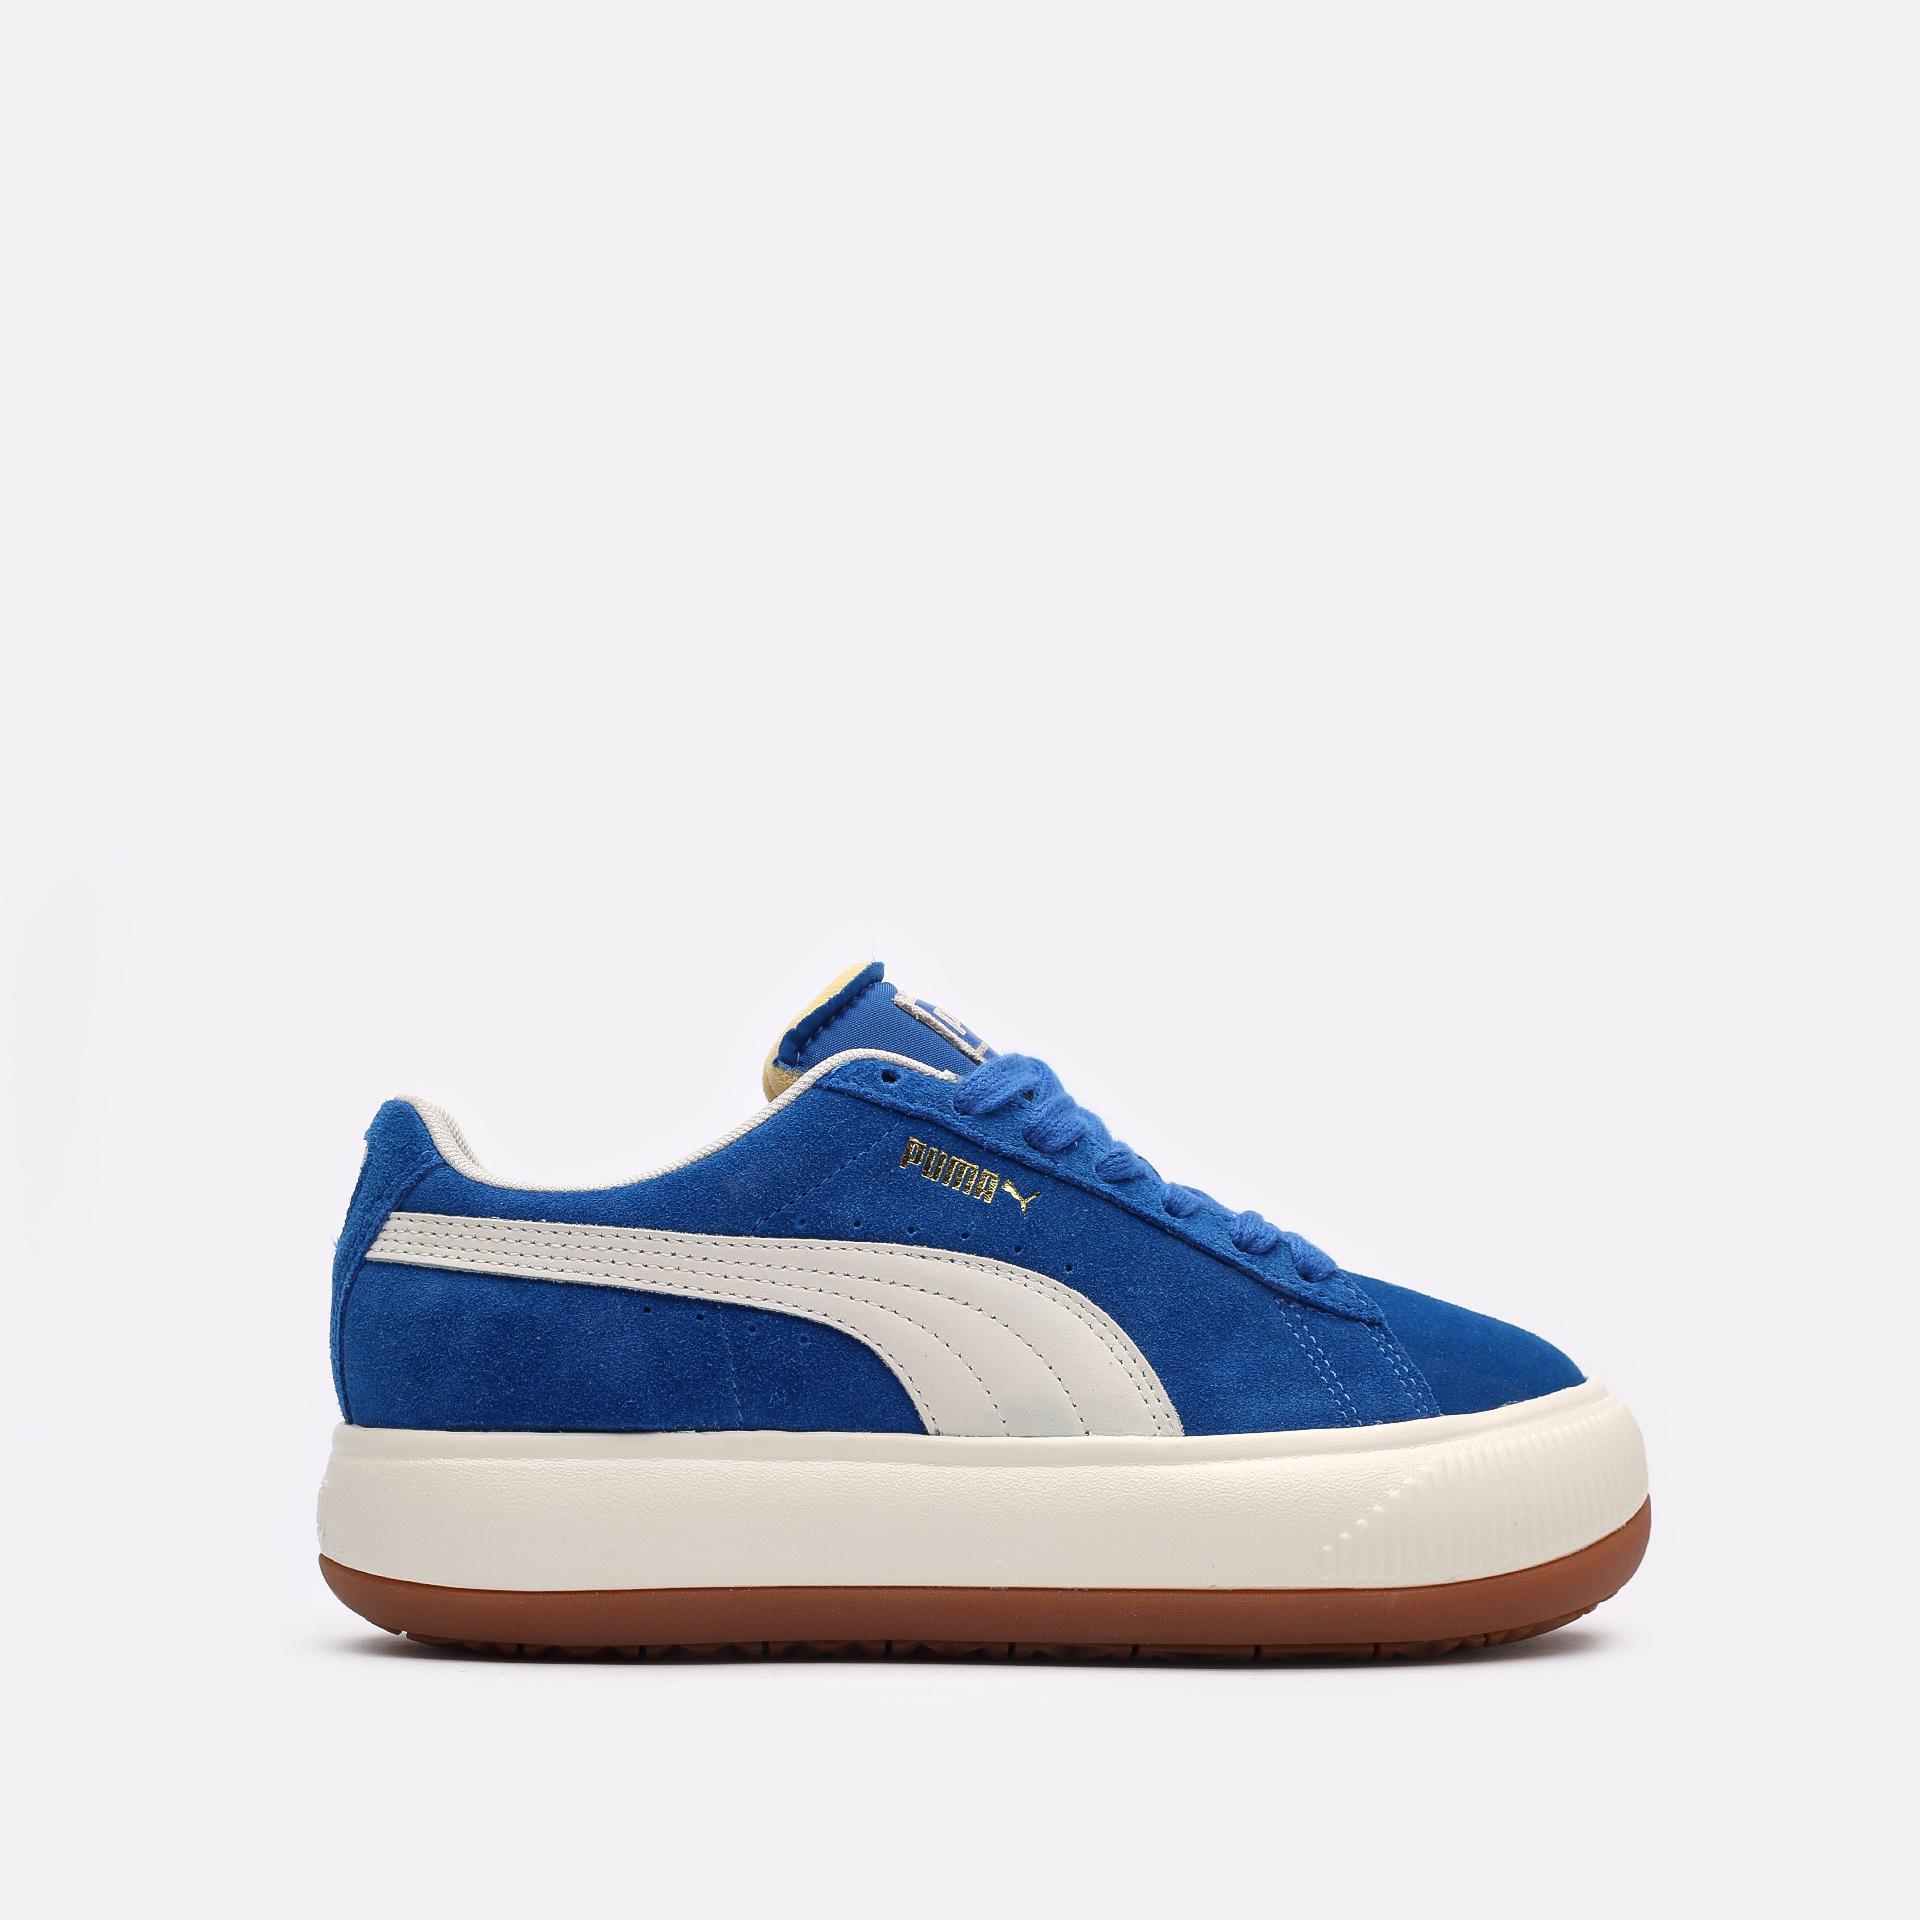 женские синие кроссовки PUMA Suede Mayu UP Wn's 38165001 - цена, описание, фото 1